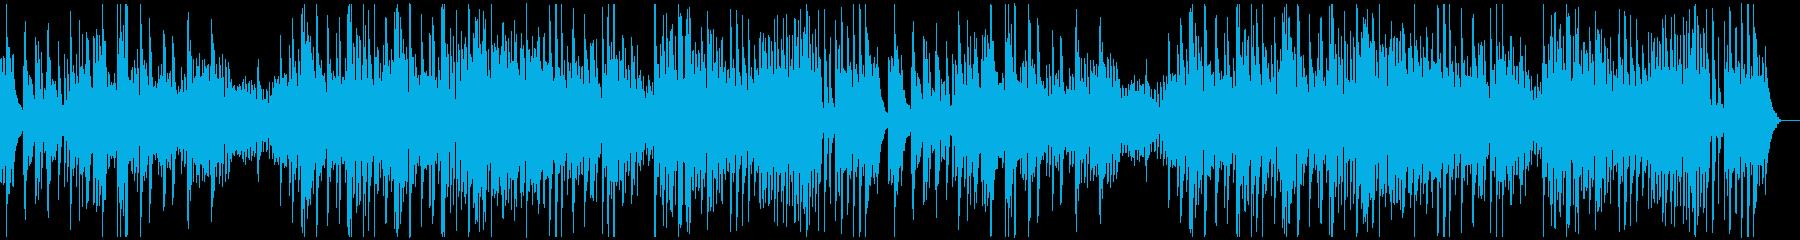 朝を思わせる爽やかなソロ・ピアノ曲の再生済みの波形